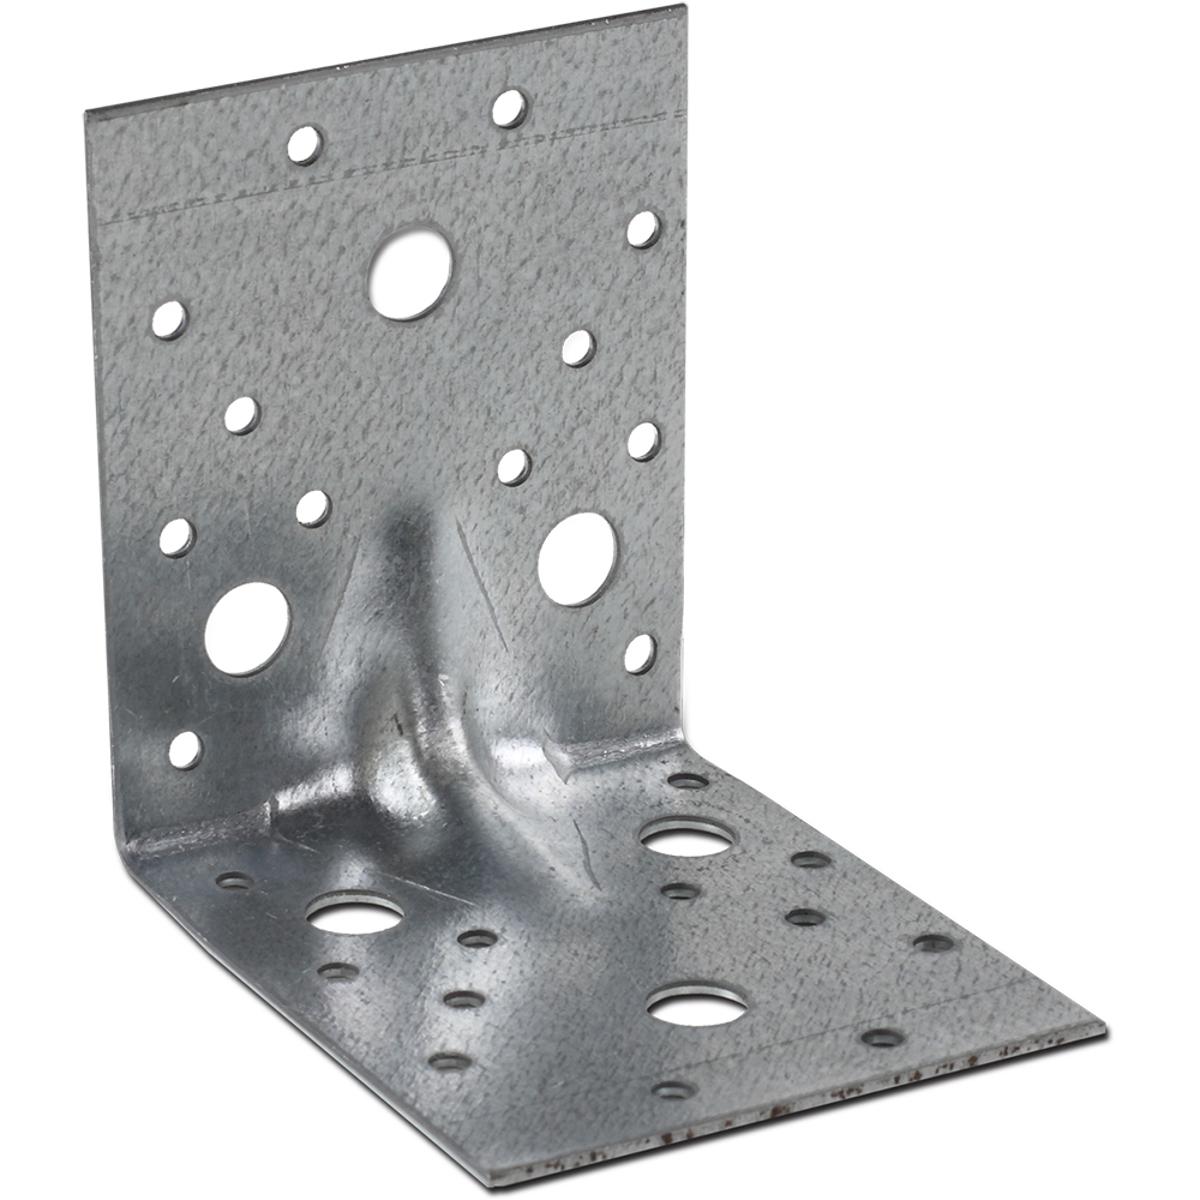 Крепежный уголок Госкрепеж, усиленный, 90 х 90 х 65 мм, 8 штКР.090823Уголок усиленный — крепежный уголок с штампованным ребром на сгибе. Уголок усиленный применяется в коттеджном домостроении, в монтажных и общестроительных работах. Уголок имеет одно ребро жесткости. Уголок усиленный ребром жесткости надежен при организации кровельных, фасадных и прочих стропильных систем. Уголок имеет отверстия под саморезы и болты, диаметром пять и тринадцать миллиметров соответственно.